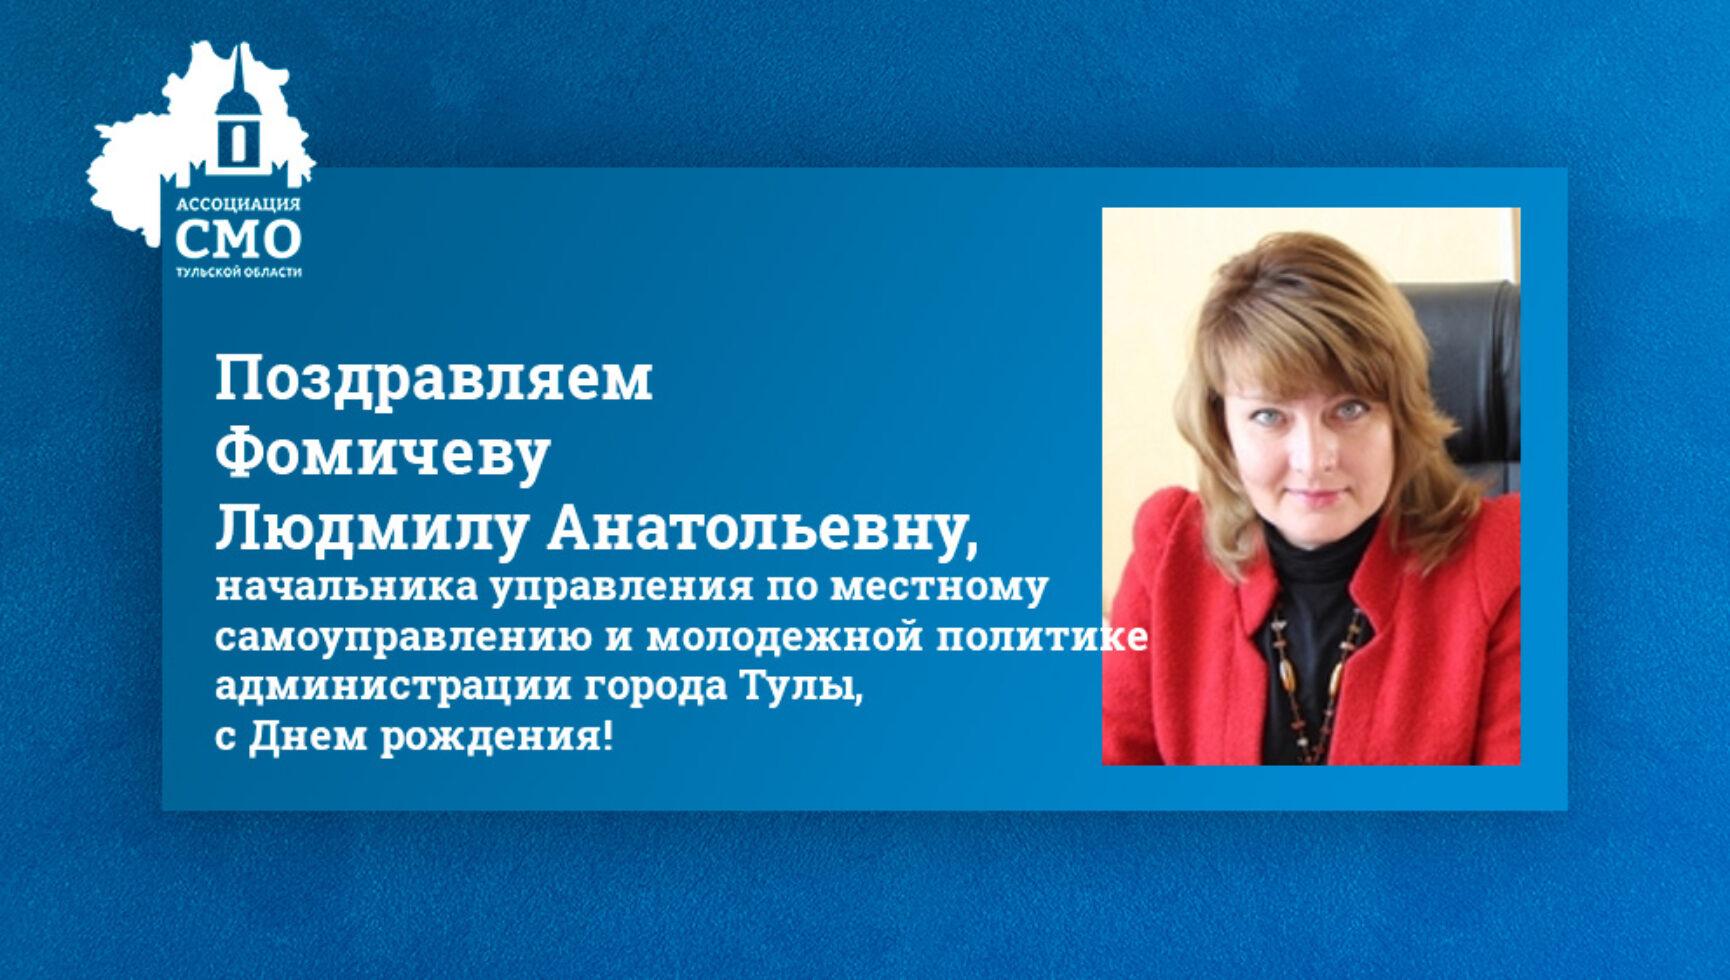 Поздравляем Фомичеву Людмилу Анатольевну, начальника управления по местному самоуправлению и молодежной политике администрации города Тулы, с Днем рождения!